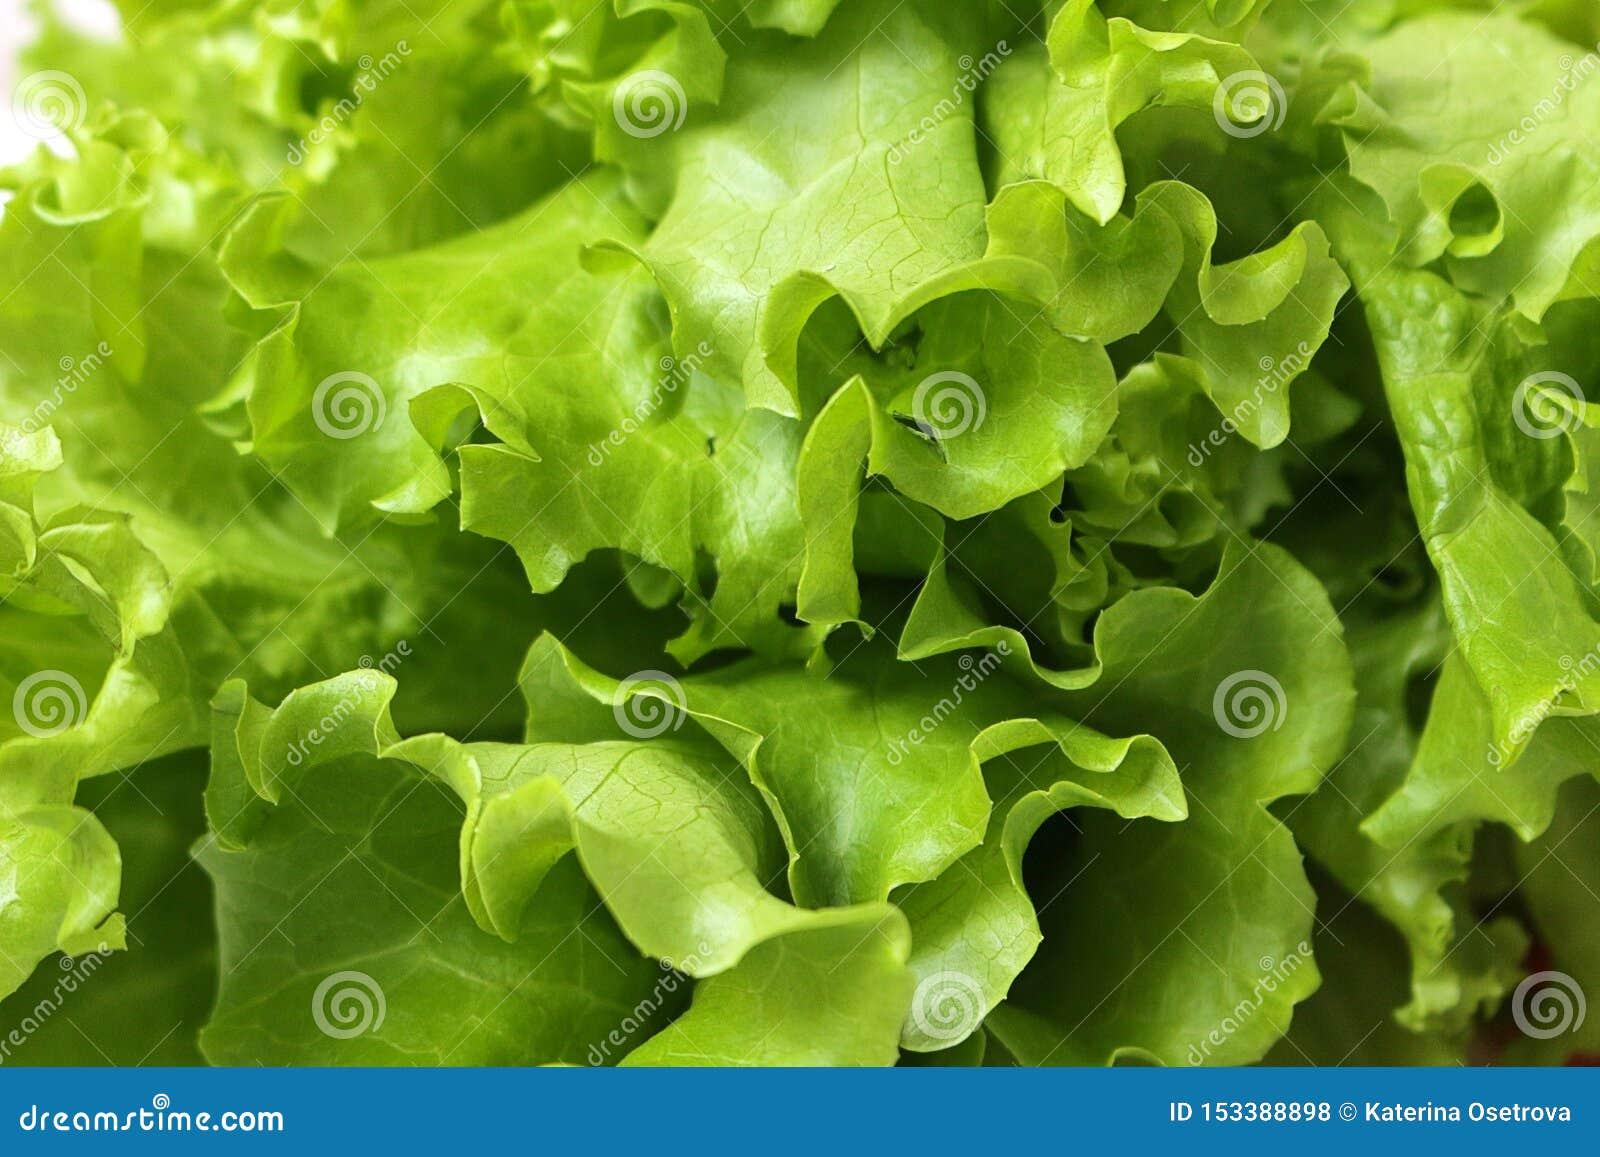 Κλείστε επάνω τα φρέσκα φύλλα μαρουλιού που αυξάνονται στον εγχώριο κήπο